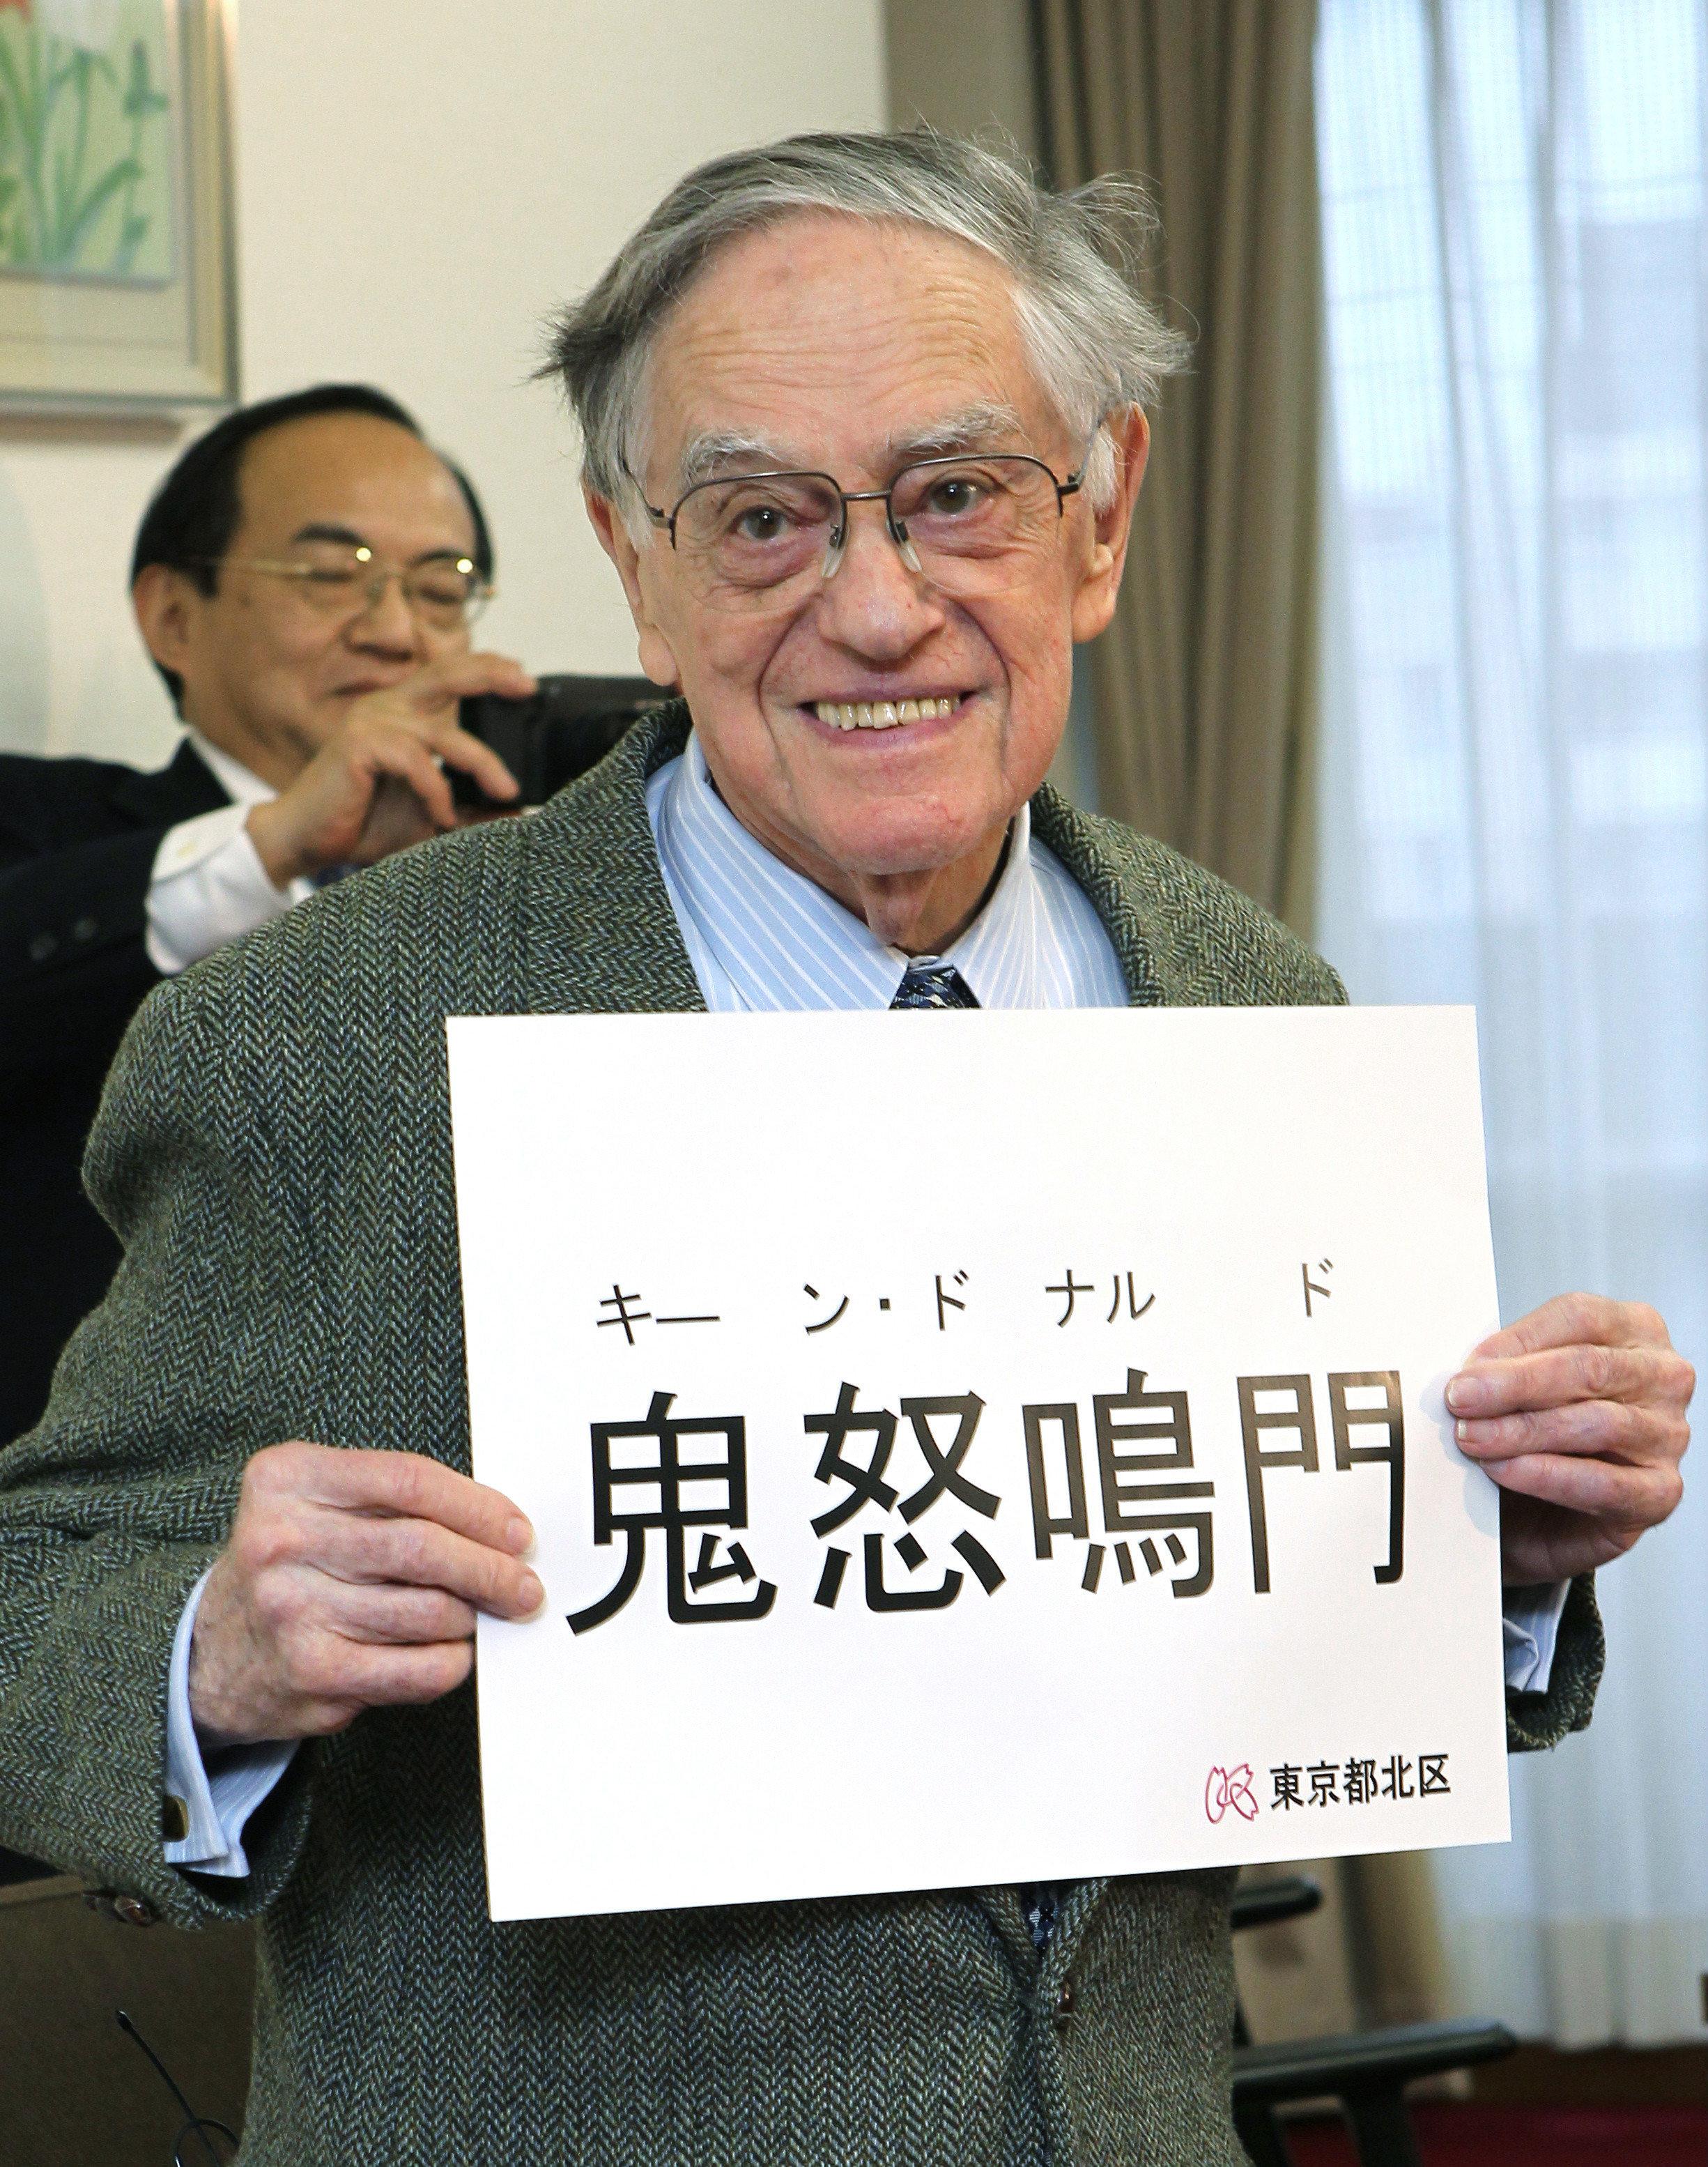 ドナルド・キーンさん、心不全で死去 2012年に日本国籍を取得